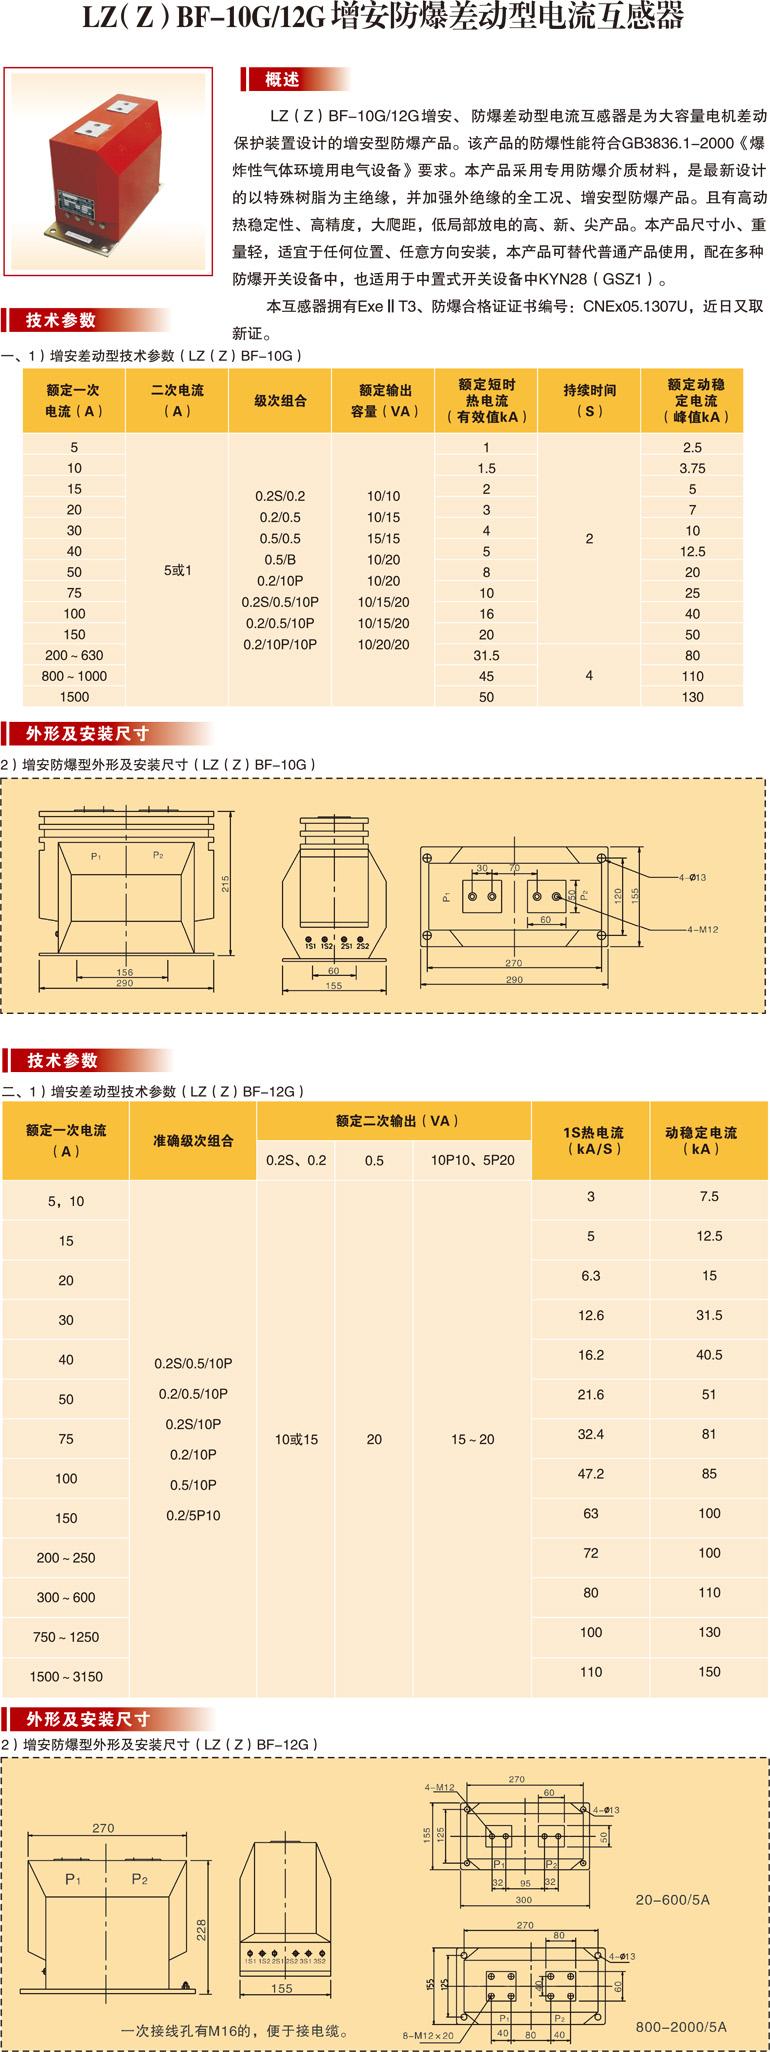 LZ(Z)BF-10G/12G